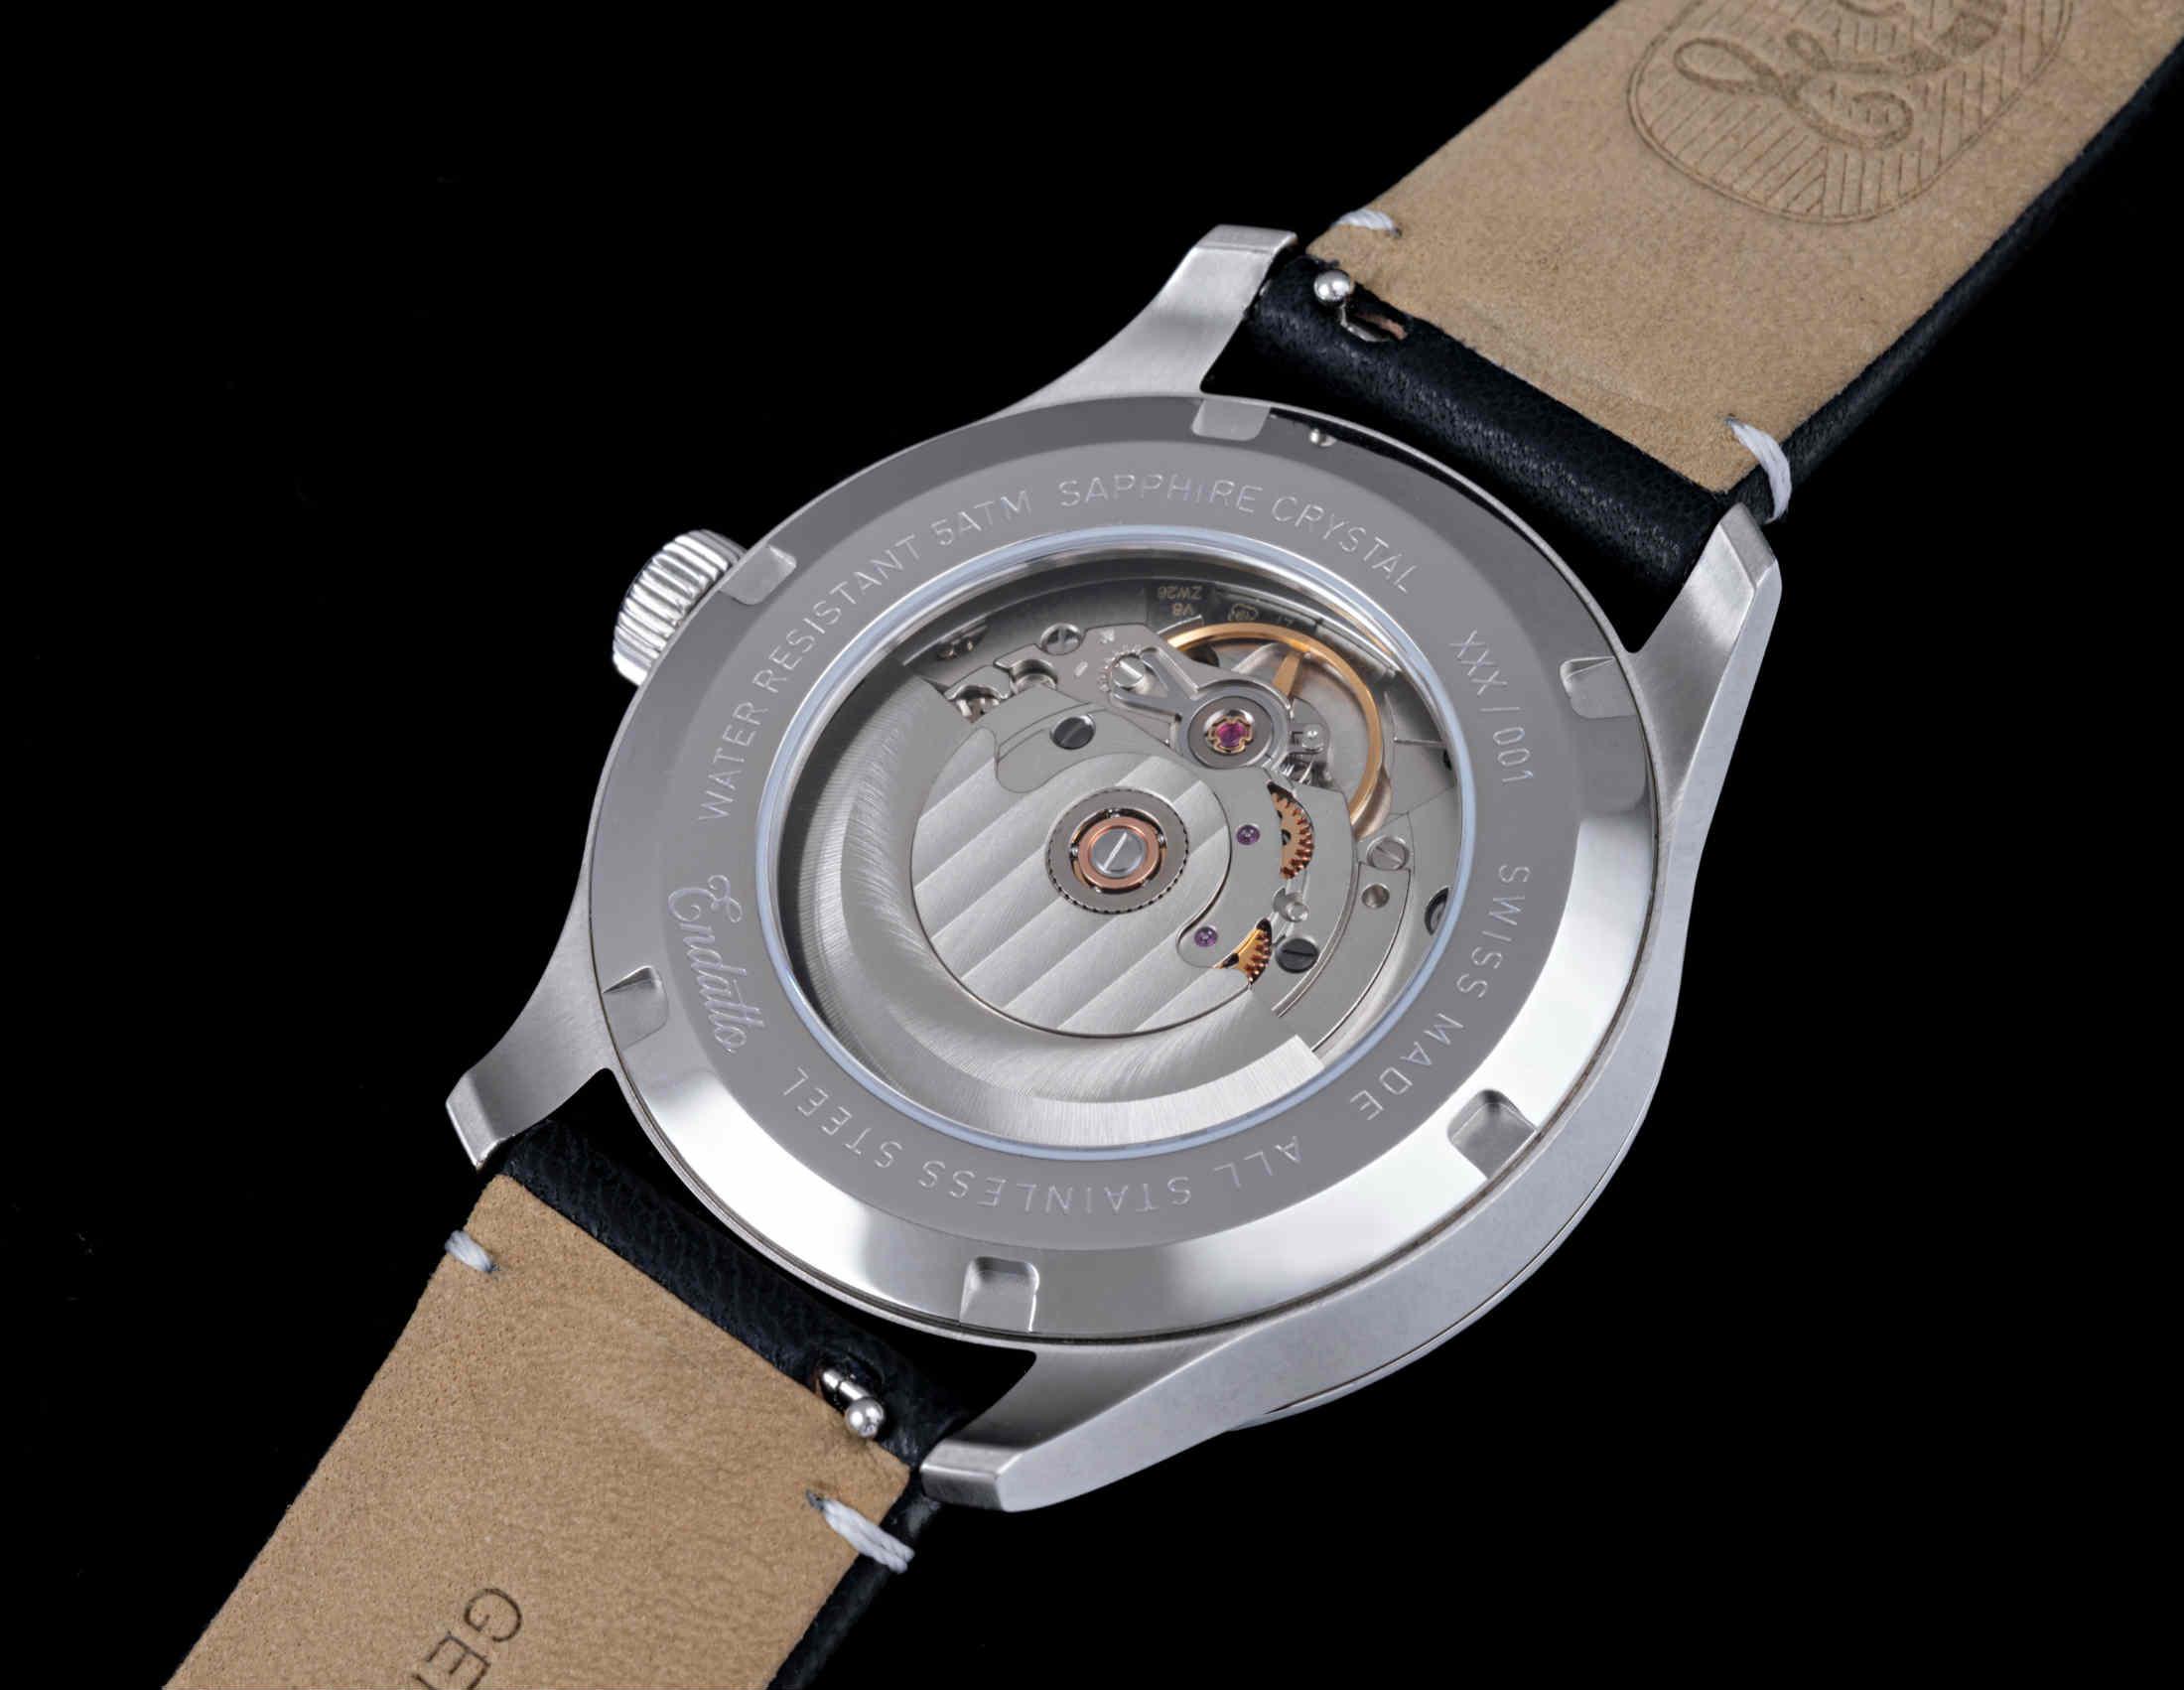 Endatto C2V wristwatch